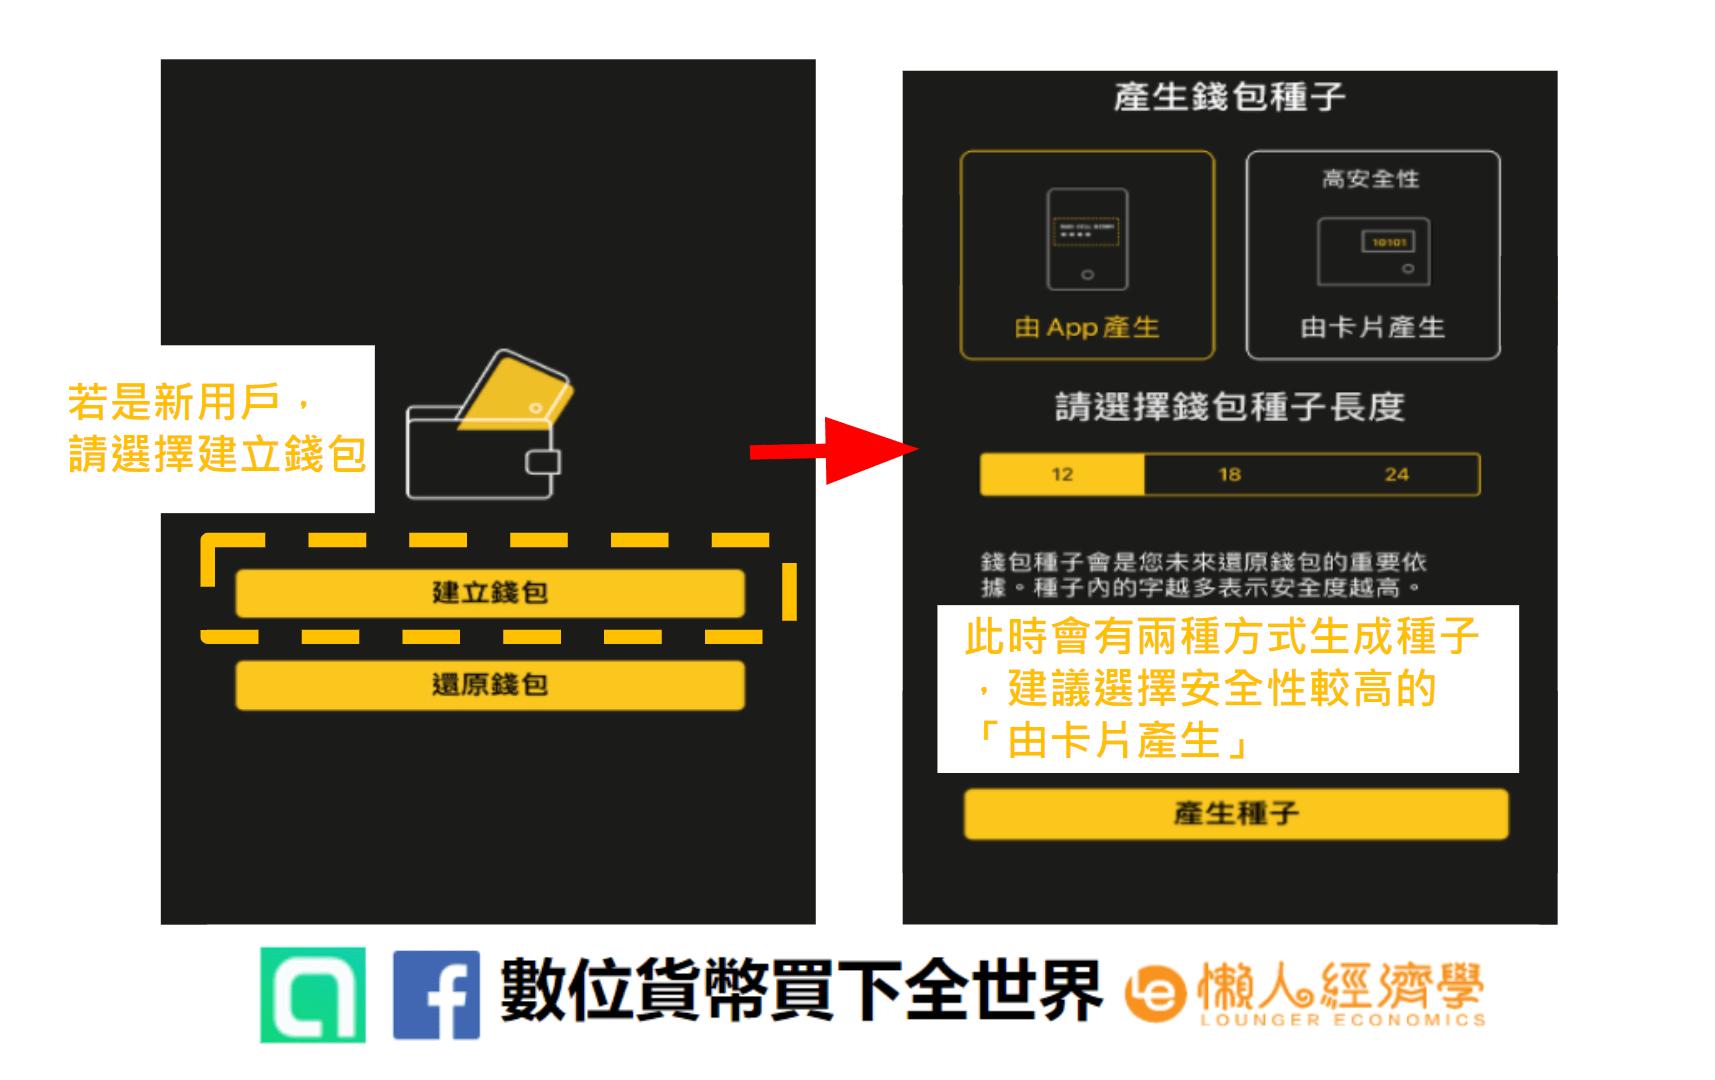 創建CoolWallet錢包,若是新用戶請點擊「創建錢包」,再選擇生成錢包種子的方式